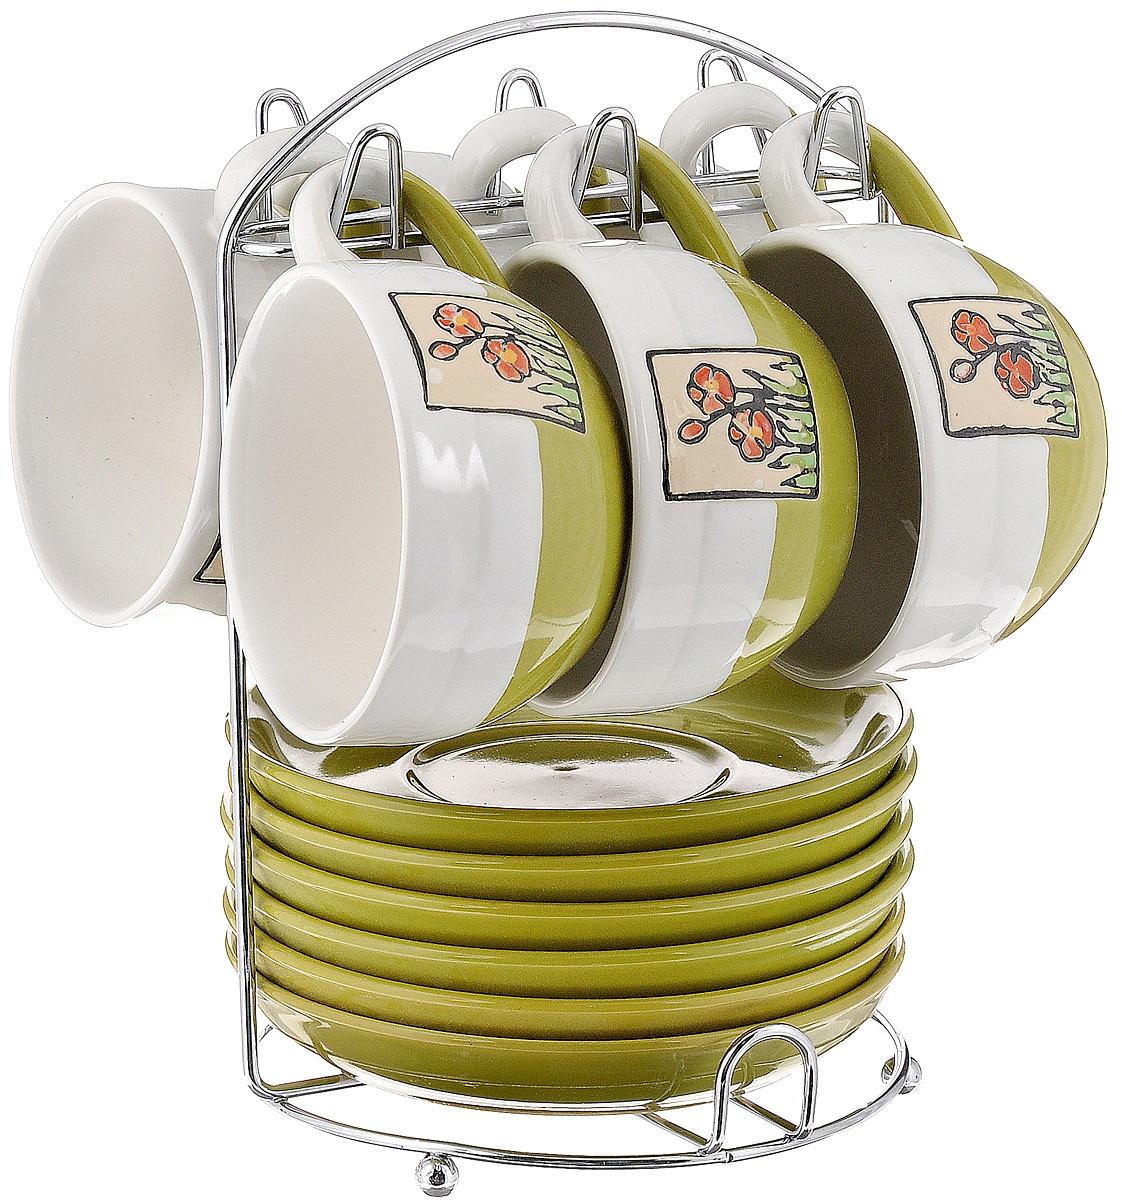 Набор чайный Calve. Маки, на подставке, 13 предметовVT-1520(SR)Набор Calve. Маки состоит из шести чашек и шести блюдец, изготовленных из высококачественного фарфора. Чашки оформлены цветочными изображениями. Изделия расположены на металлической подставке. Такой набор подходит для подачи чая или кофе.Изящный дизайн придется по вкусу и ценителям классики, и тем, кто предпочитает утонченность и изысканность. Он настроит на позитивный лад и подарит хорошее настроение с самого утра. Чайный набор Calve. Маки - идеальный и необходимый подарок для вашего дома и для ваших друзей в праздники.Можно мыть в посудомоечной машине. Объем чашки: 220 мл. Диаметр чашки (по верхнему краю): 9,5 см. Высота чашки: 6,3 см. Диаметр блюдца: 14,5 см. Высота блюдца: 2,3 см.Размер подставки: 16,5 х 16 х 22,5 см.